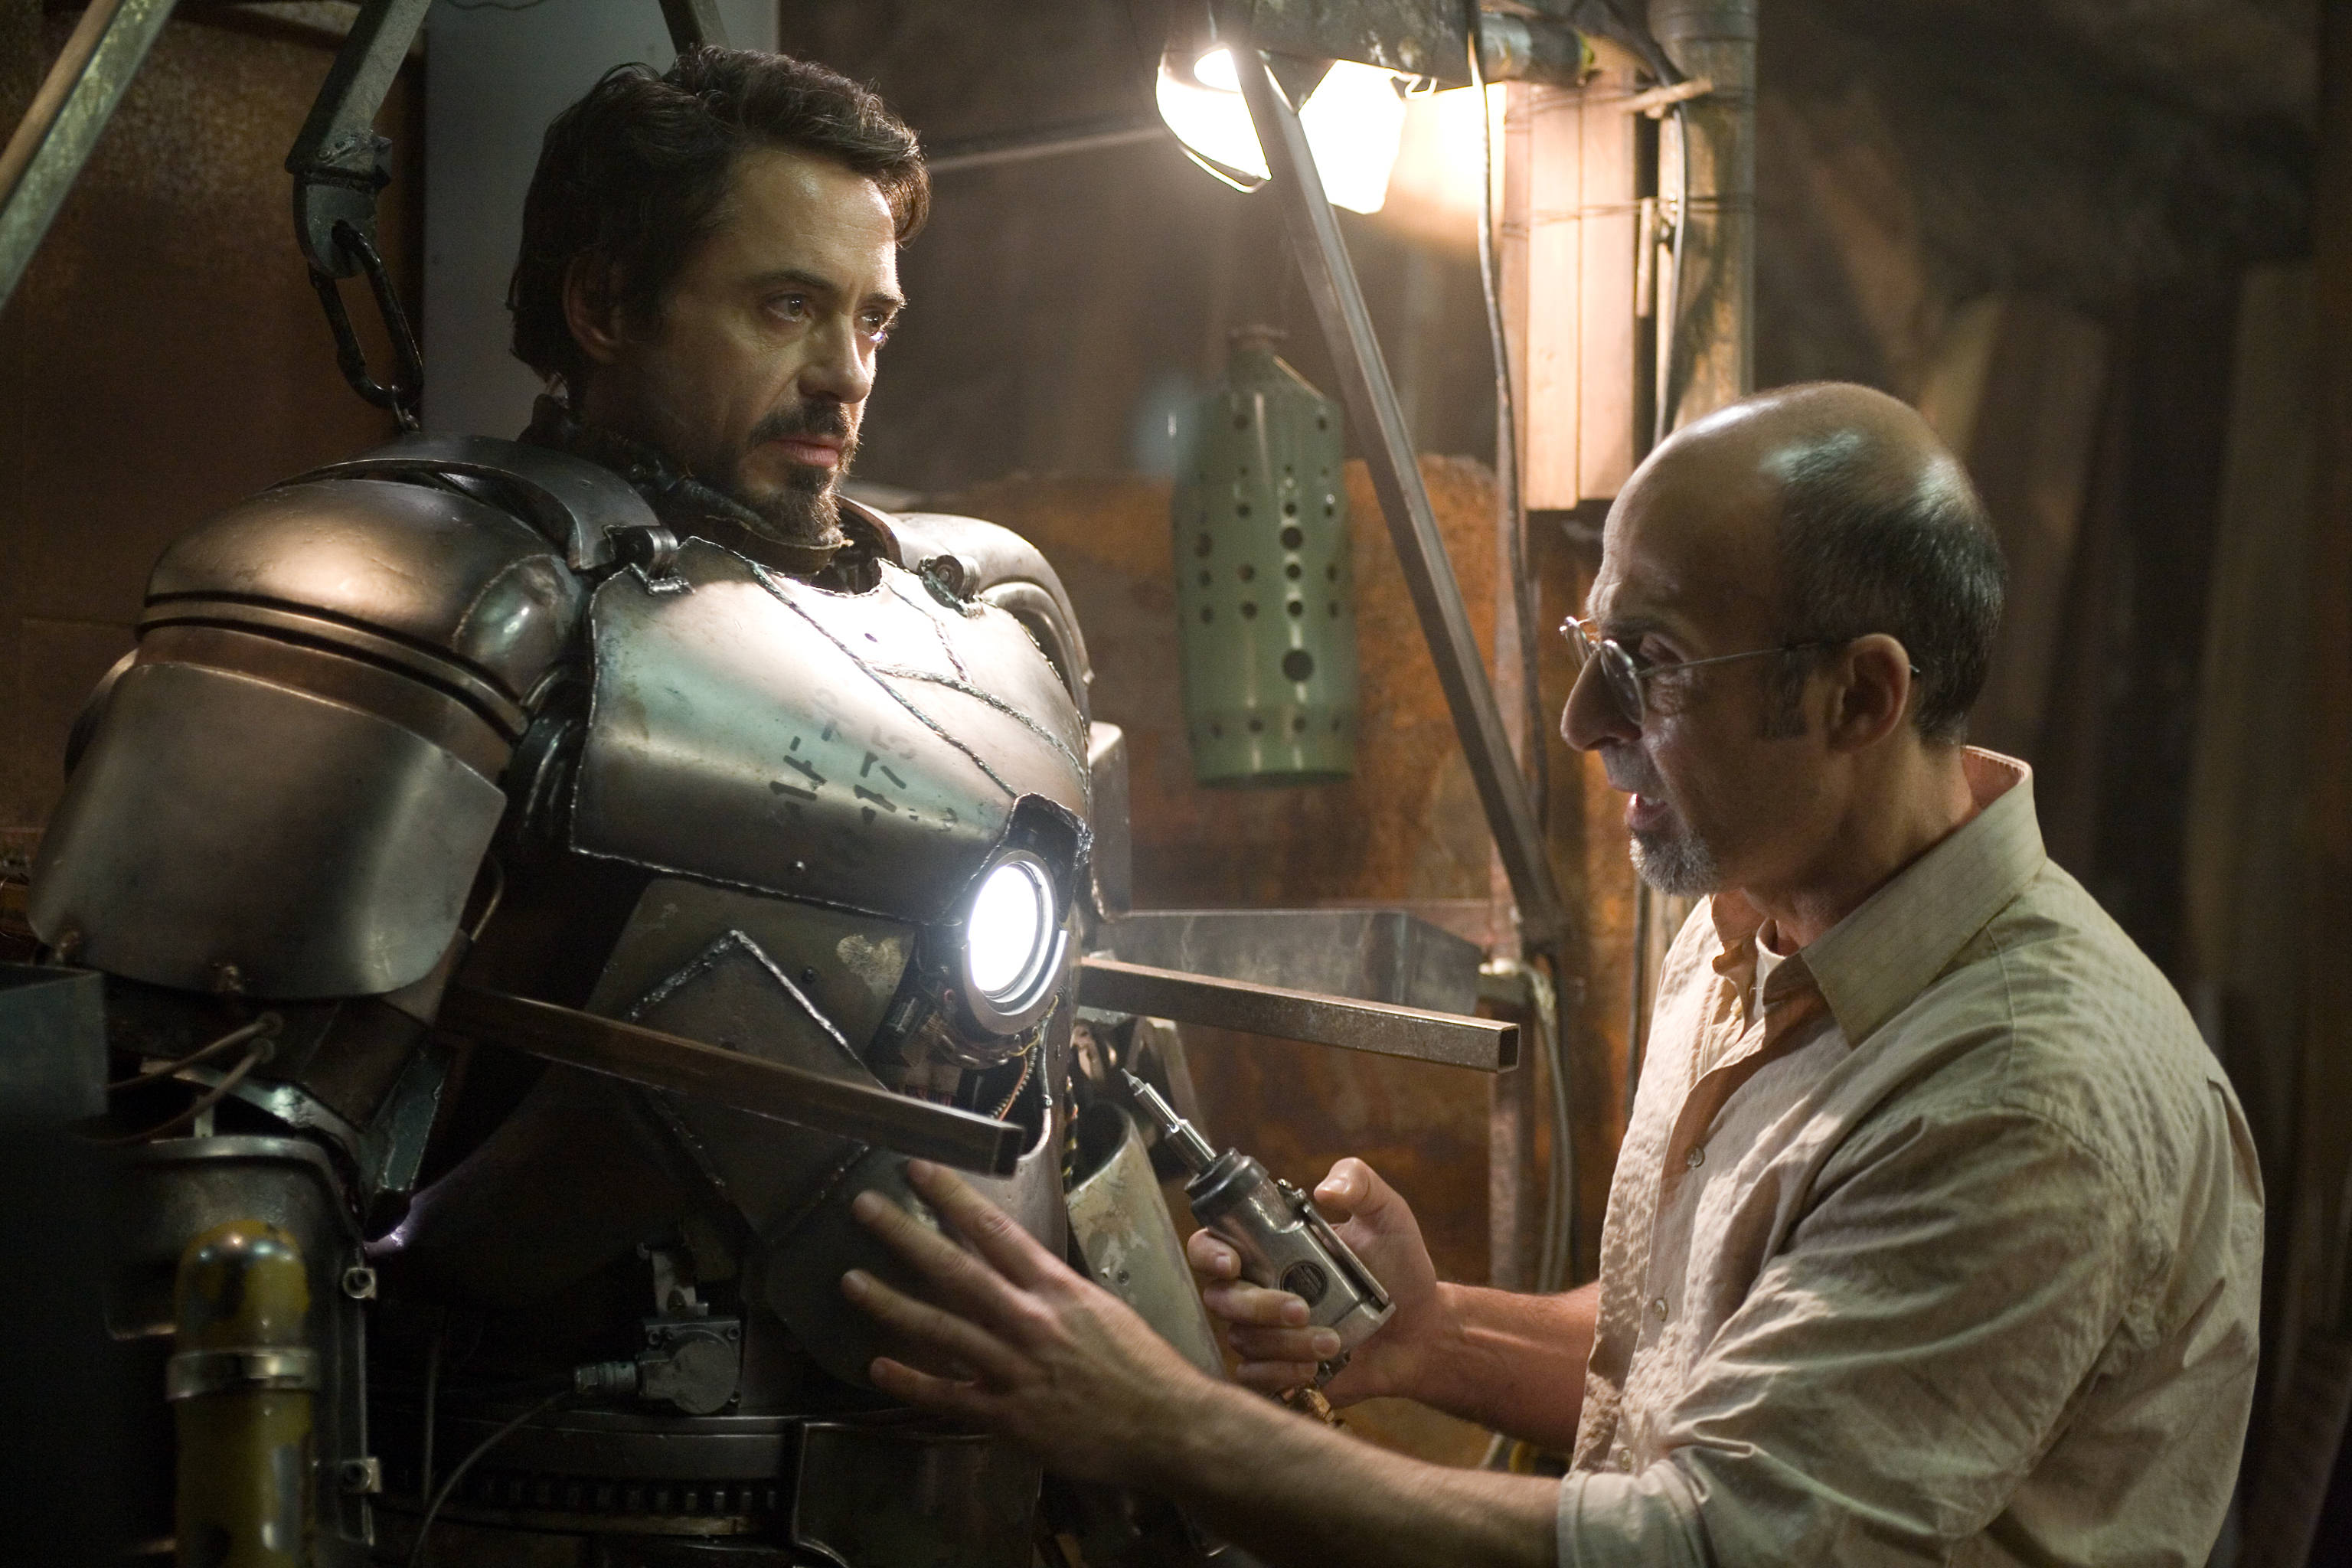 สร้างชุด Iron man mark 1